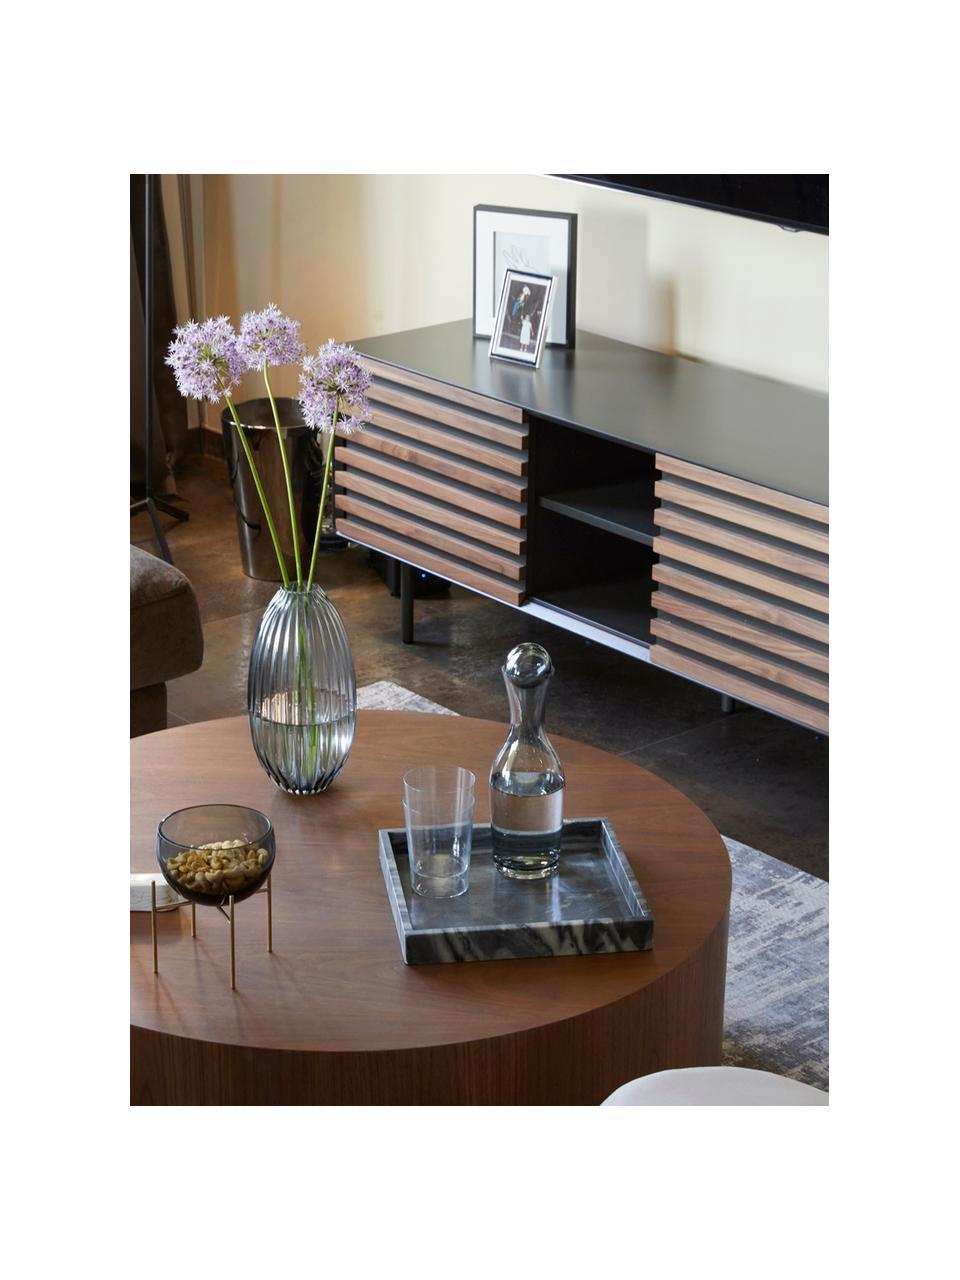 Szafka RTV z drzwiczkami Kesia, Grafitowy, drewno orzecha włoskiego, S 162 x W 58 cm